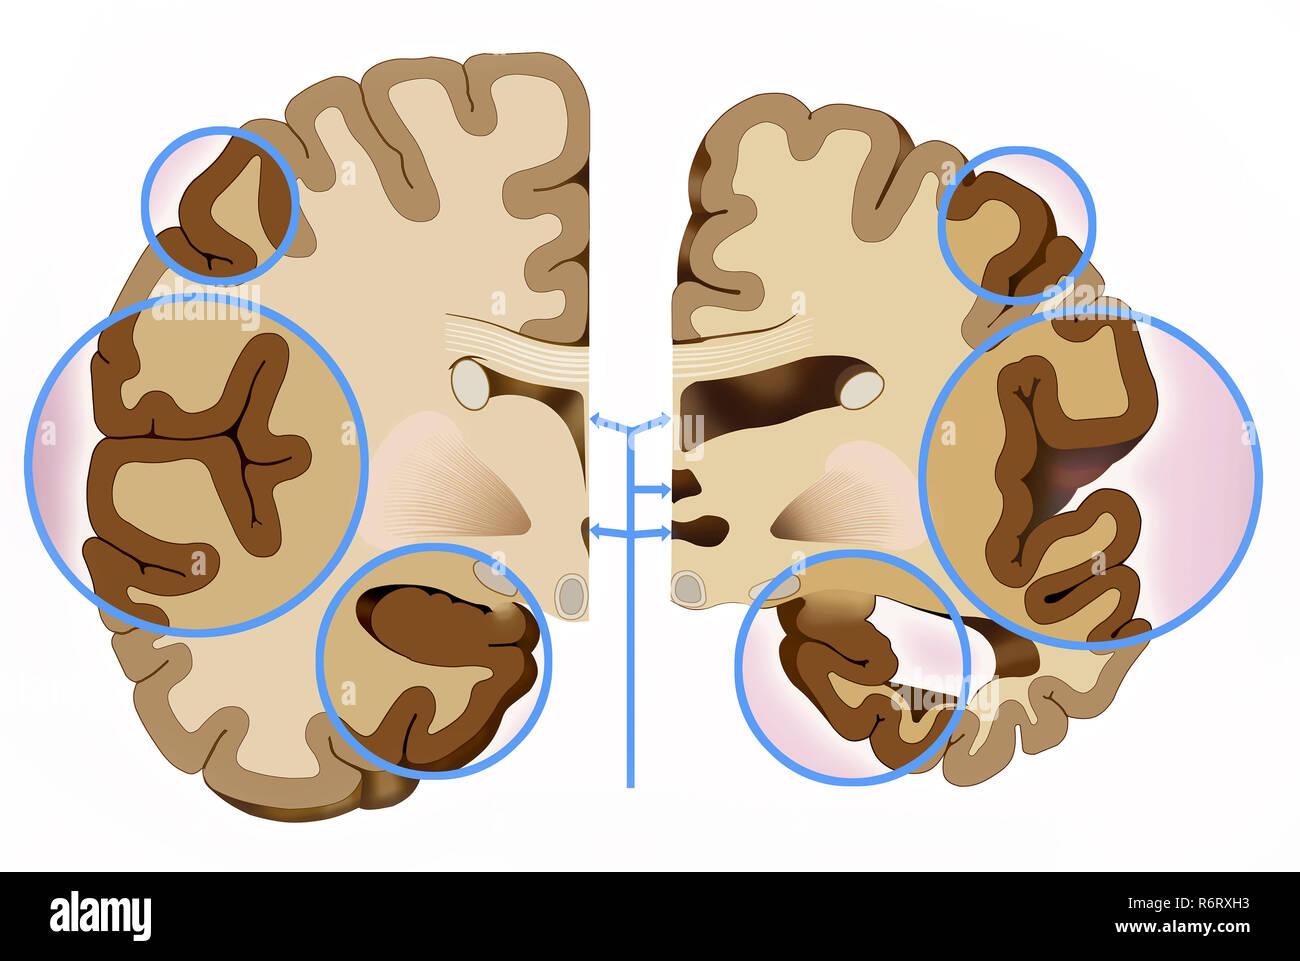 Differenza del cervello nella malattia di Alzheimer. Foto Stock